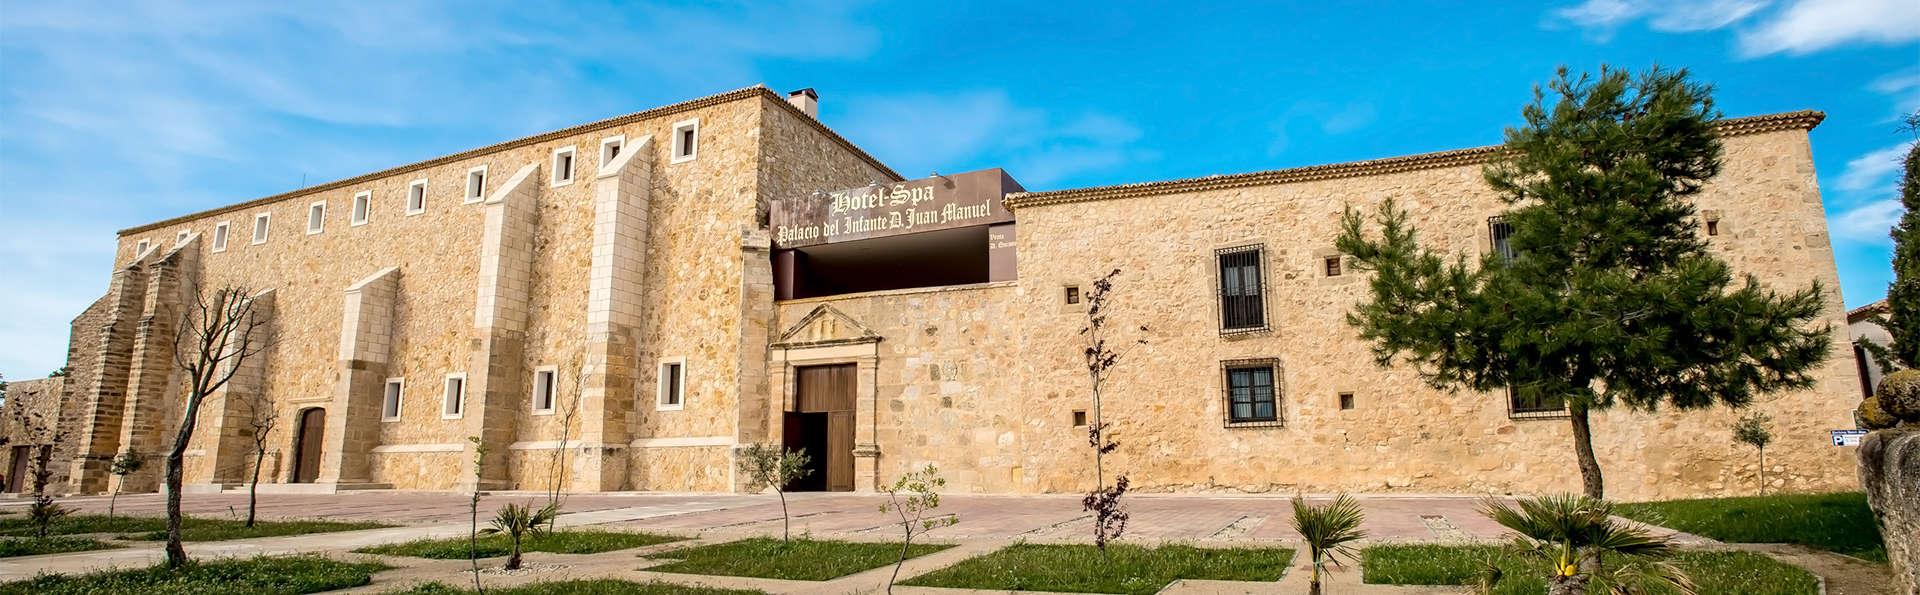 Palacio del Infante Don Juan Manuel Hotel Spa - EDIT_facade.jpg